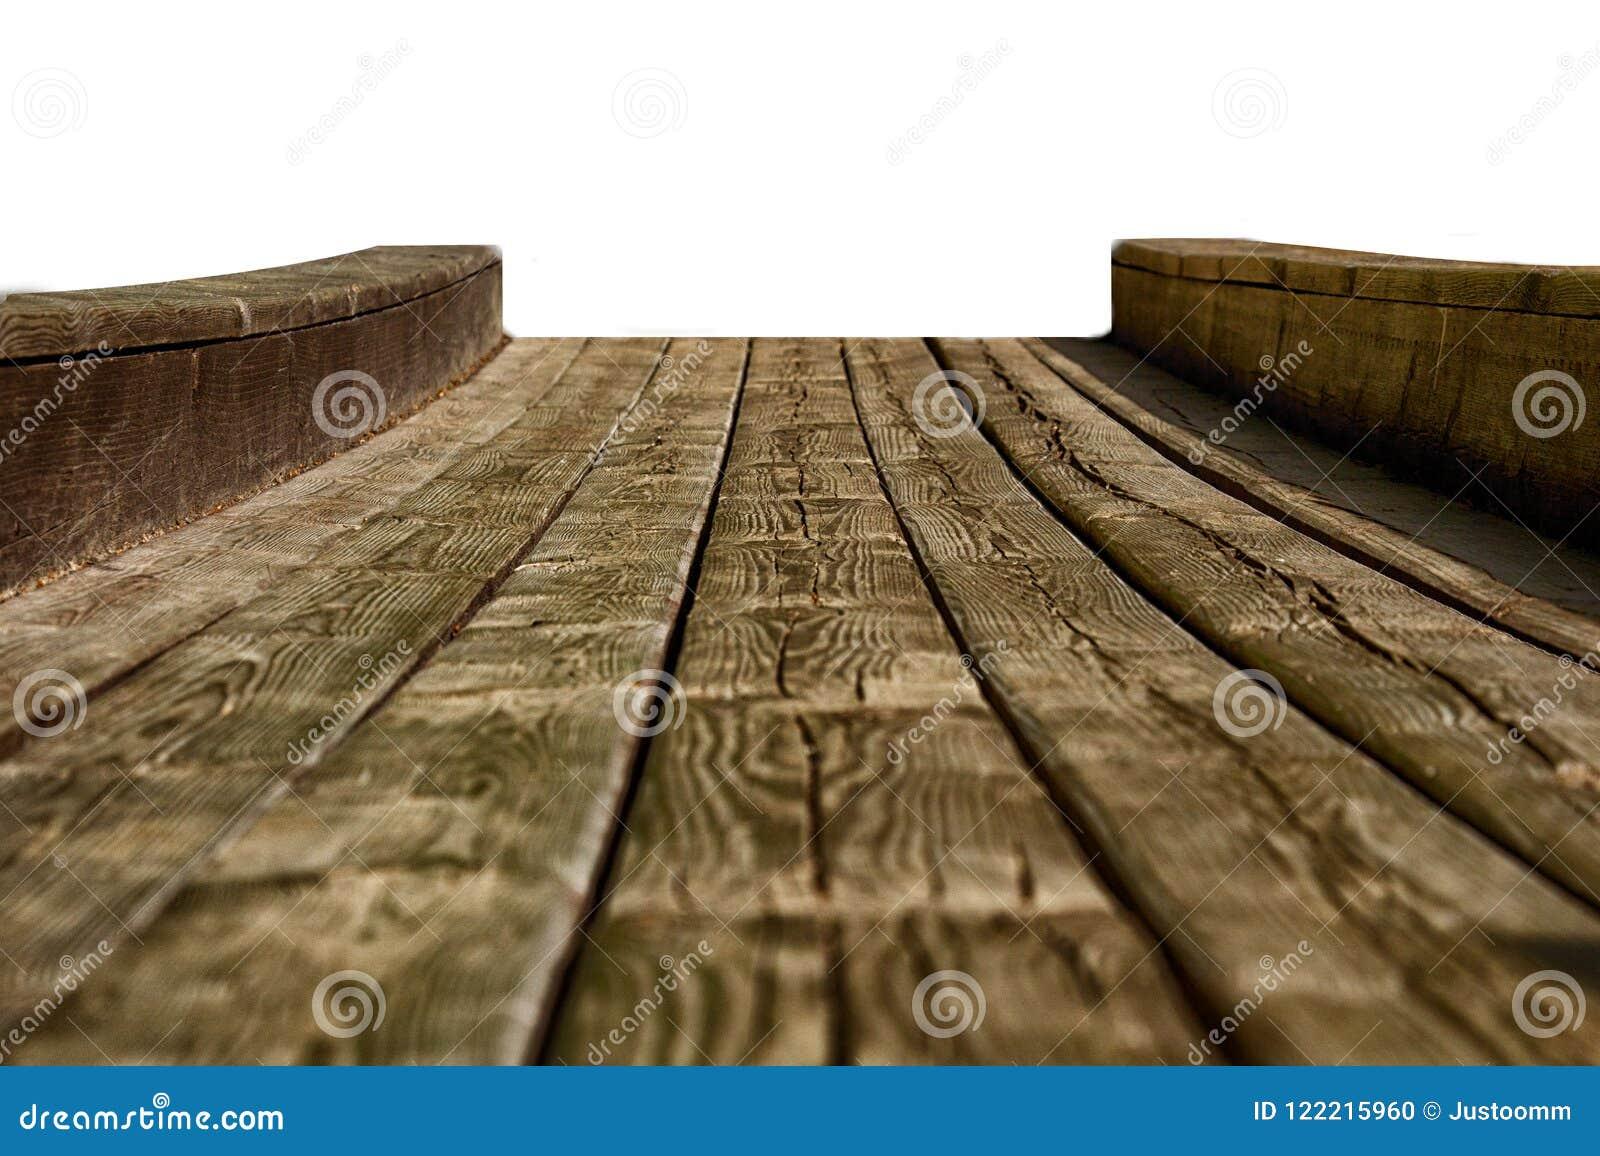 Leeres Holztischspitzen lokalisiert auf dem weißen Hintergrund, benutzt für Anzeige oder Montage Ihre Produkte